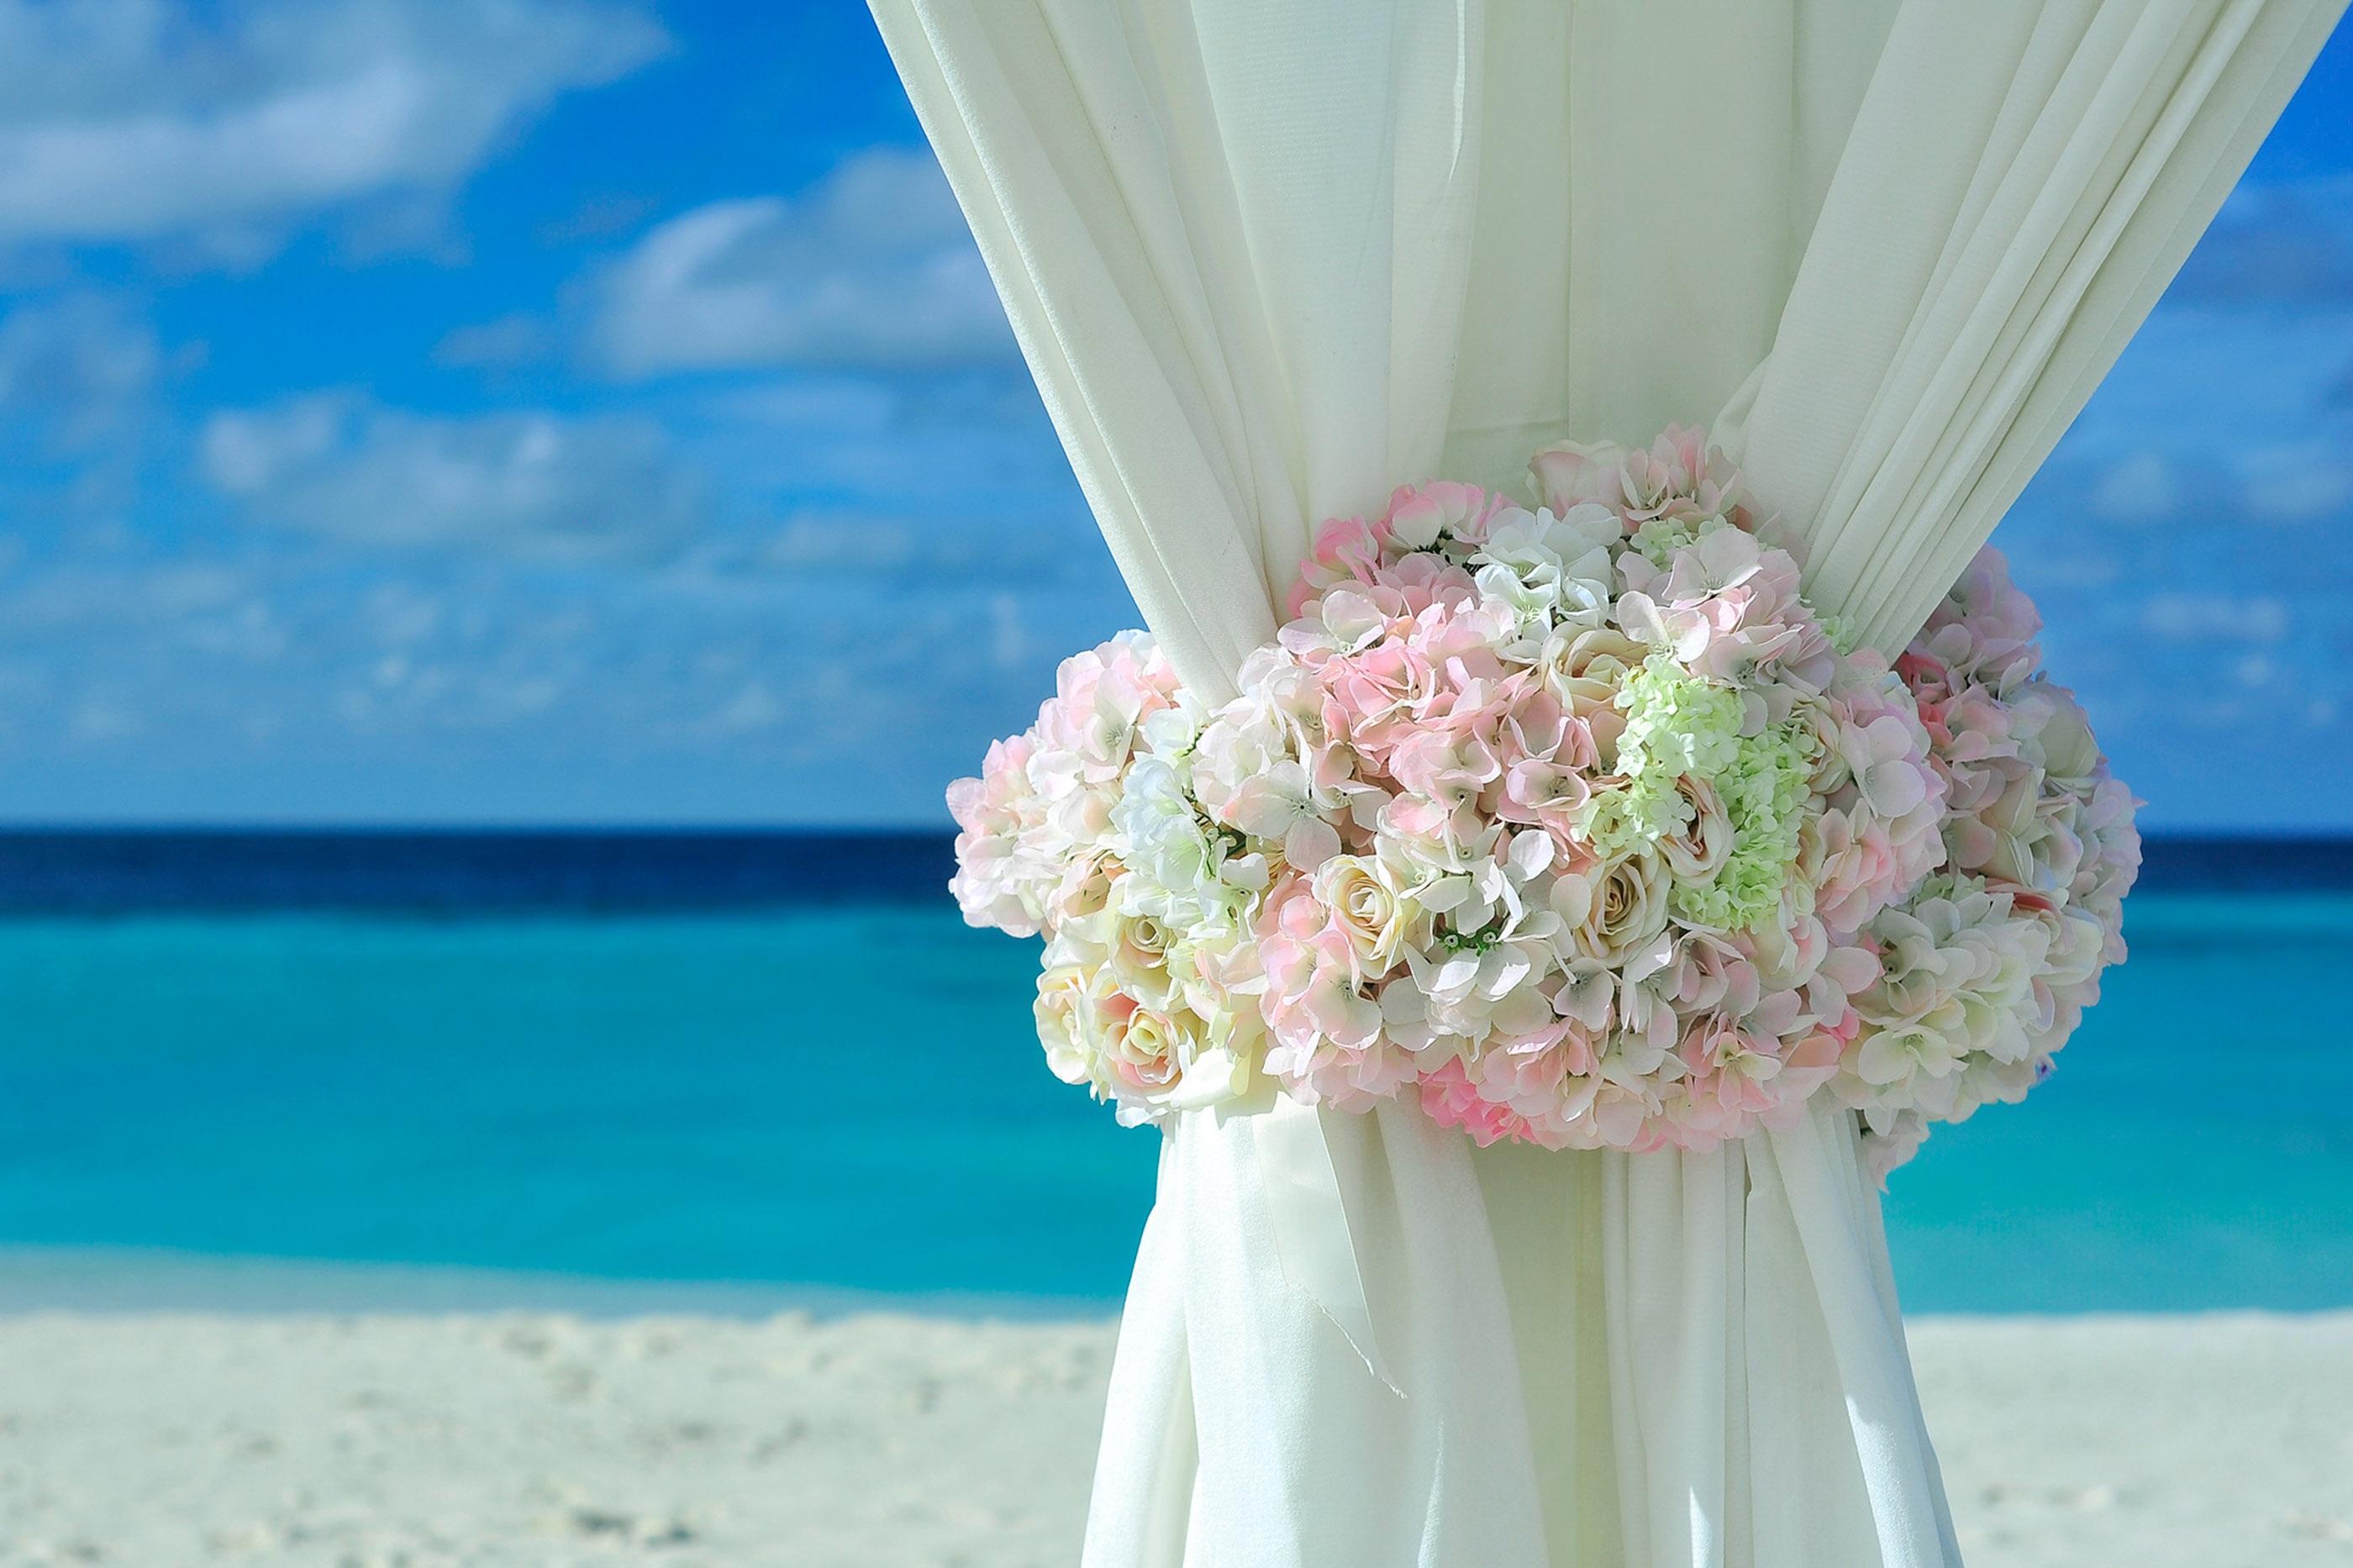 preparação para casamento na praia